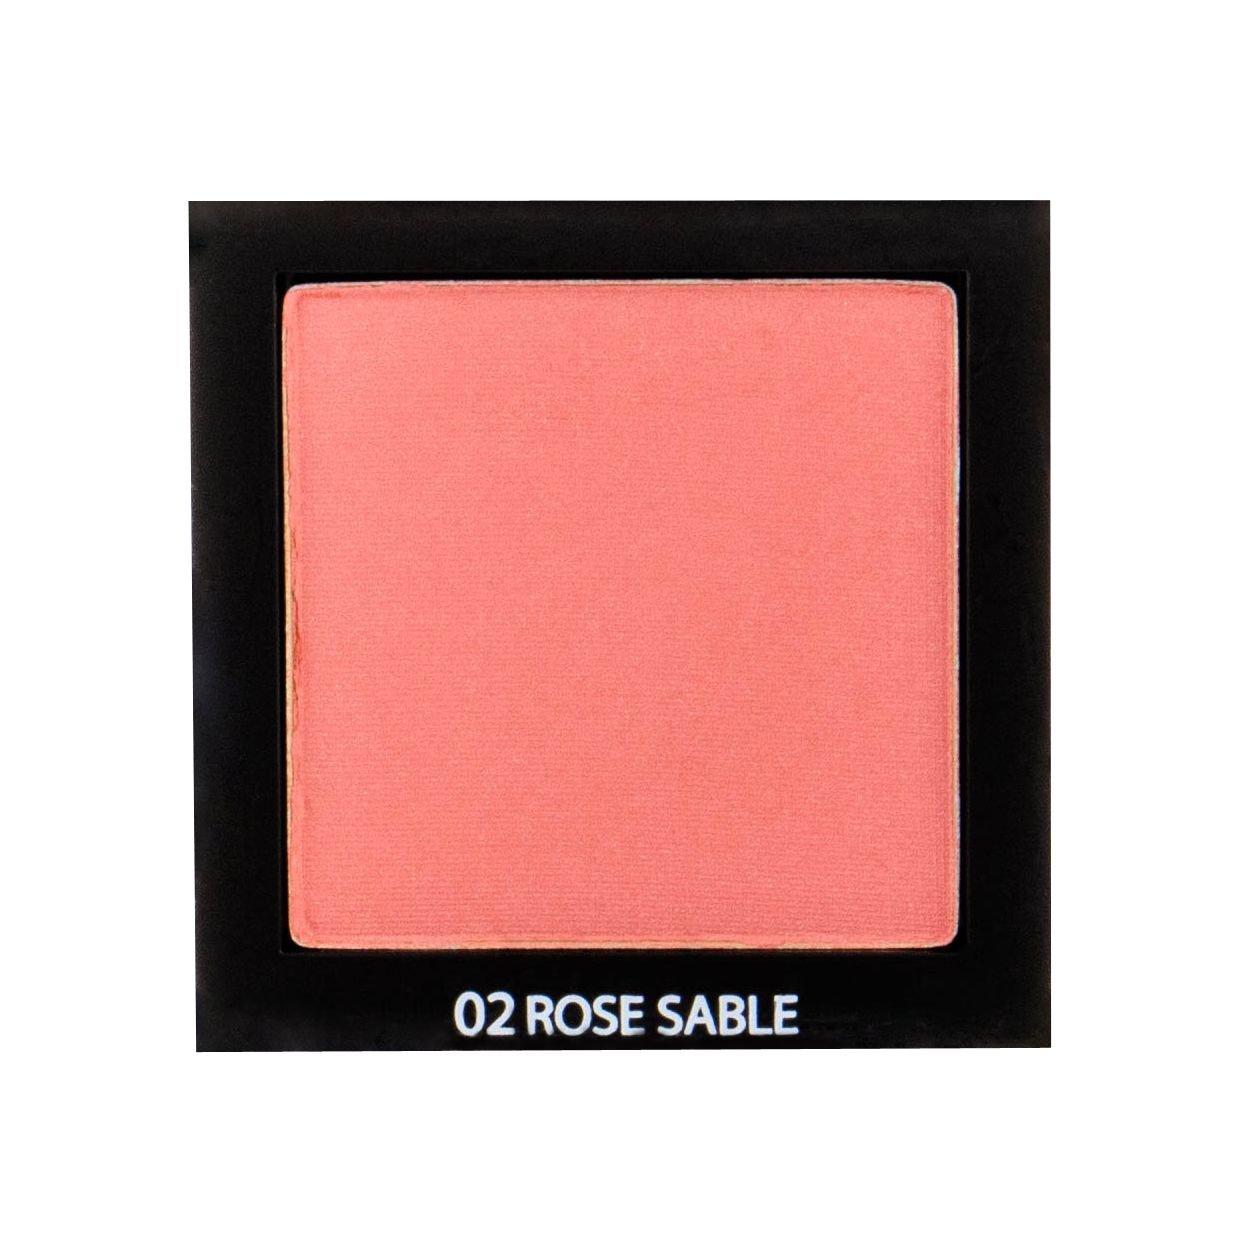 Lancôme Blush Subtil Blush 6ml 02 Rose Sable